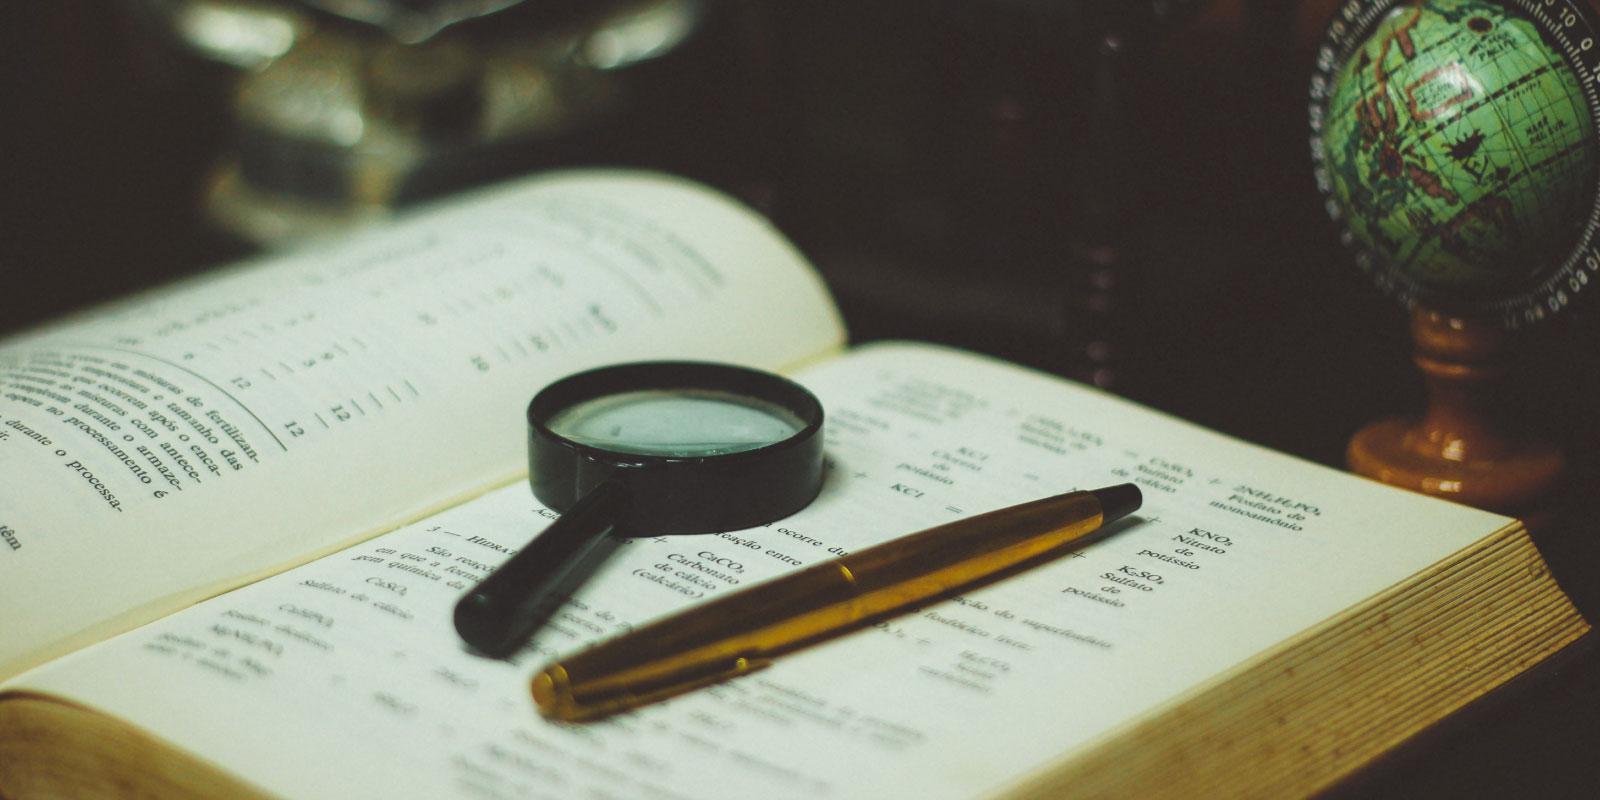 [WordPress] 検索ボックスに入力した単語を保つ